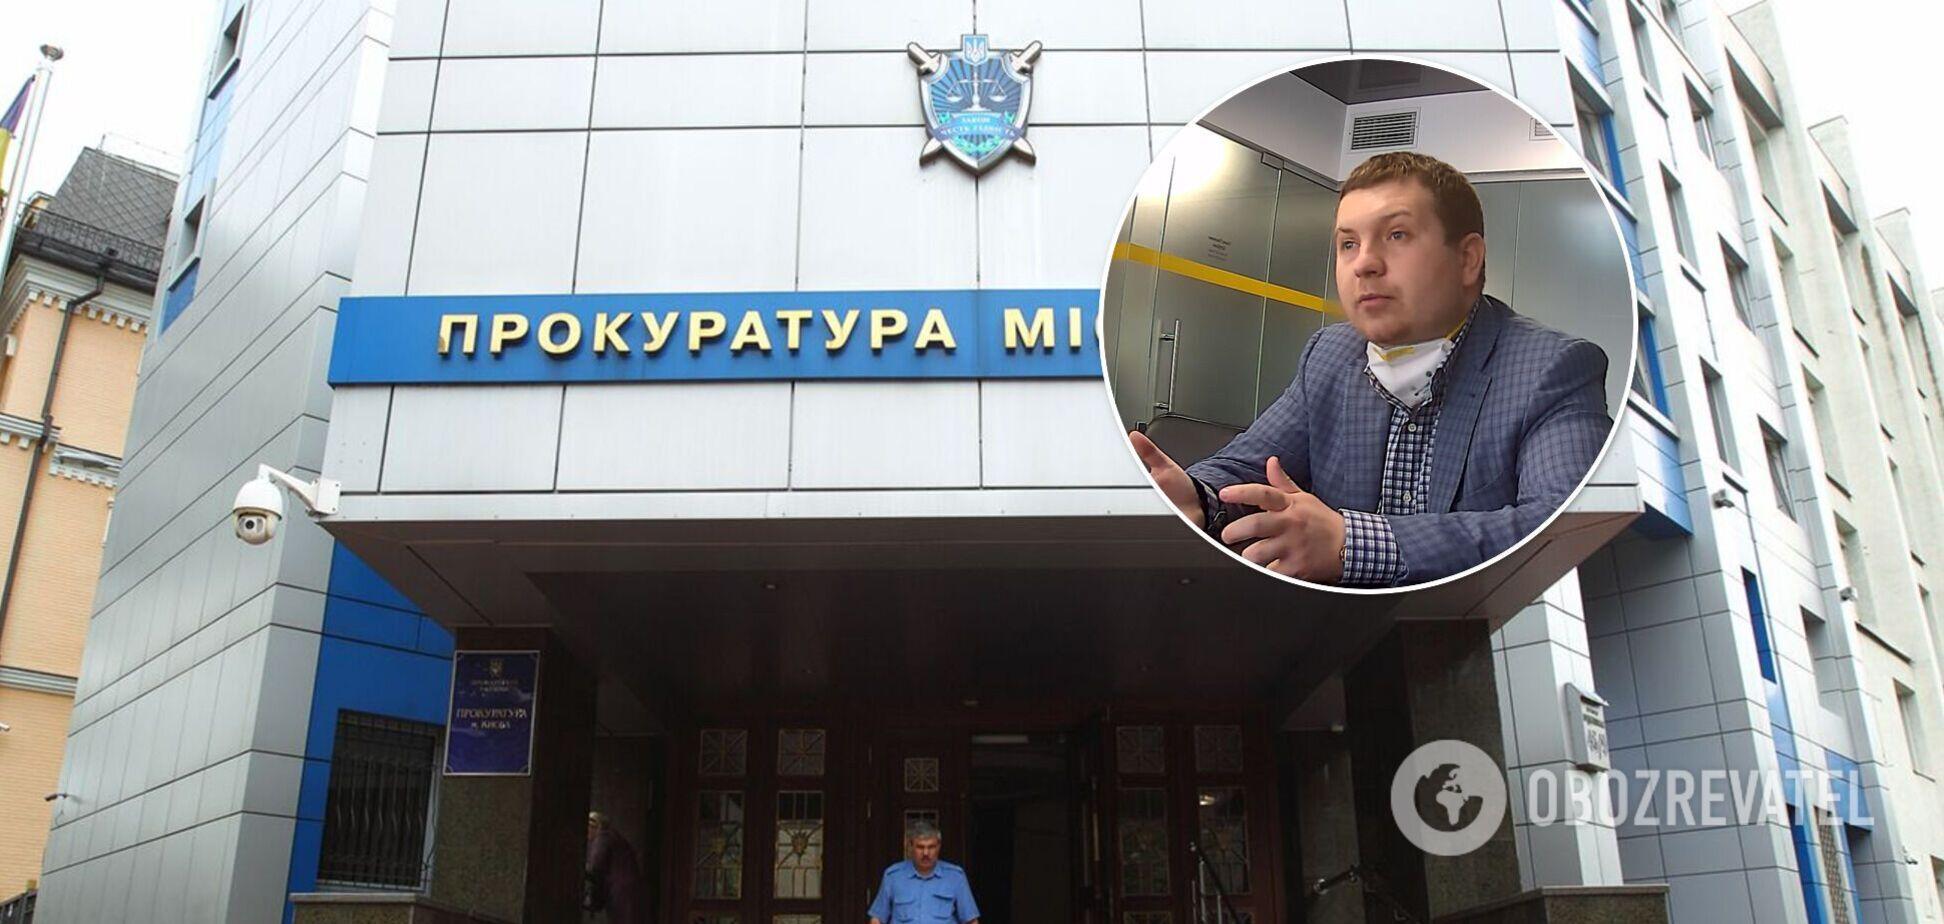 У Києві підозрюваний у хабарі прокурор повернувся на роботу і веде справу. Документ